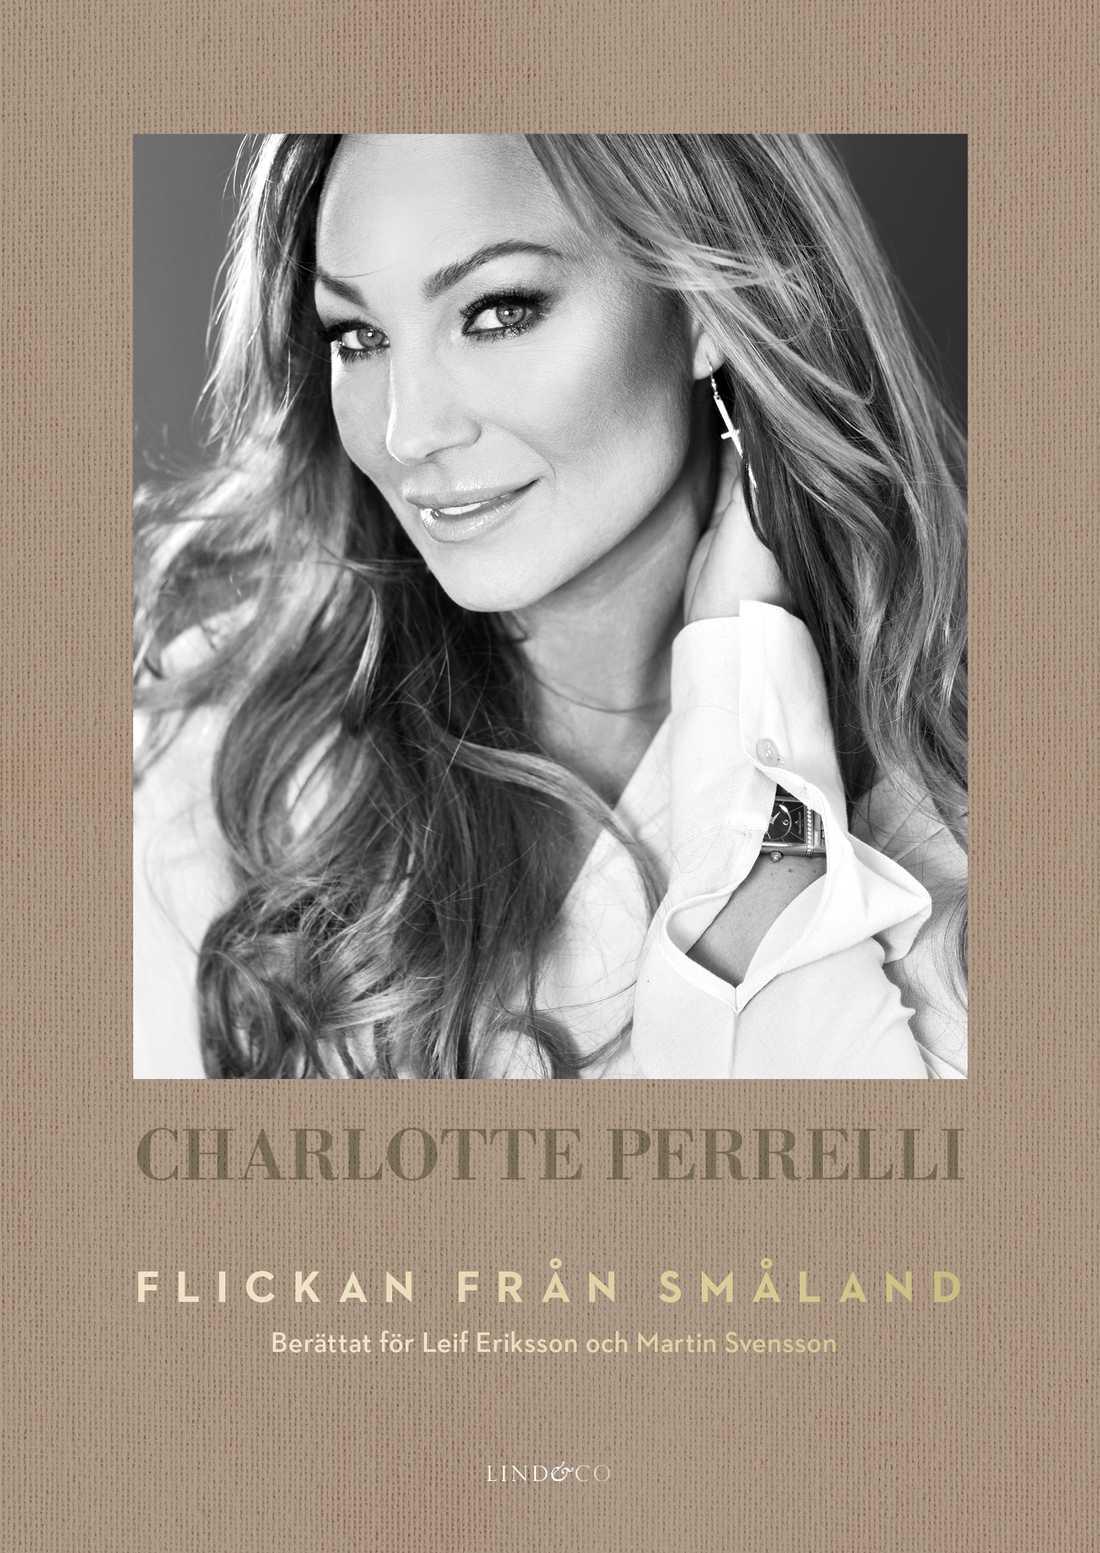 """Charlotte Perrellis självbiografi """"Flickan från Småland"""""""